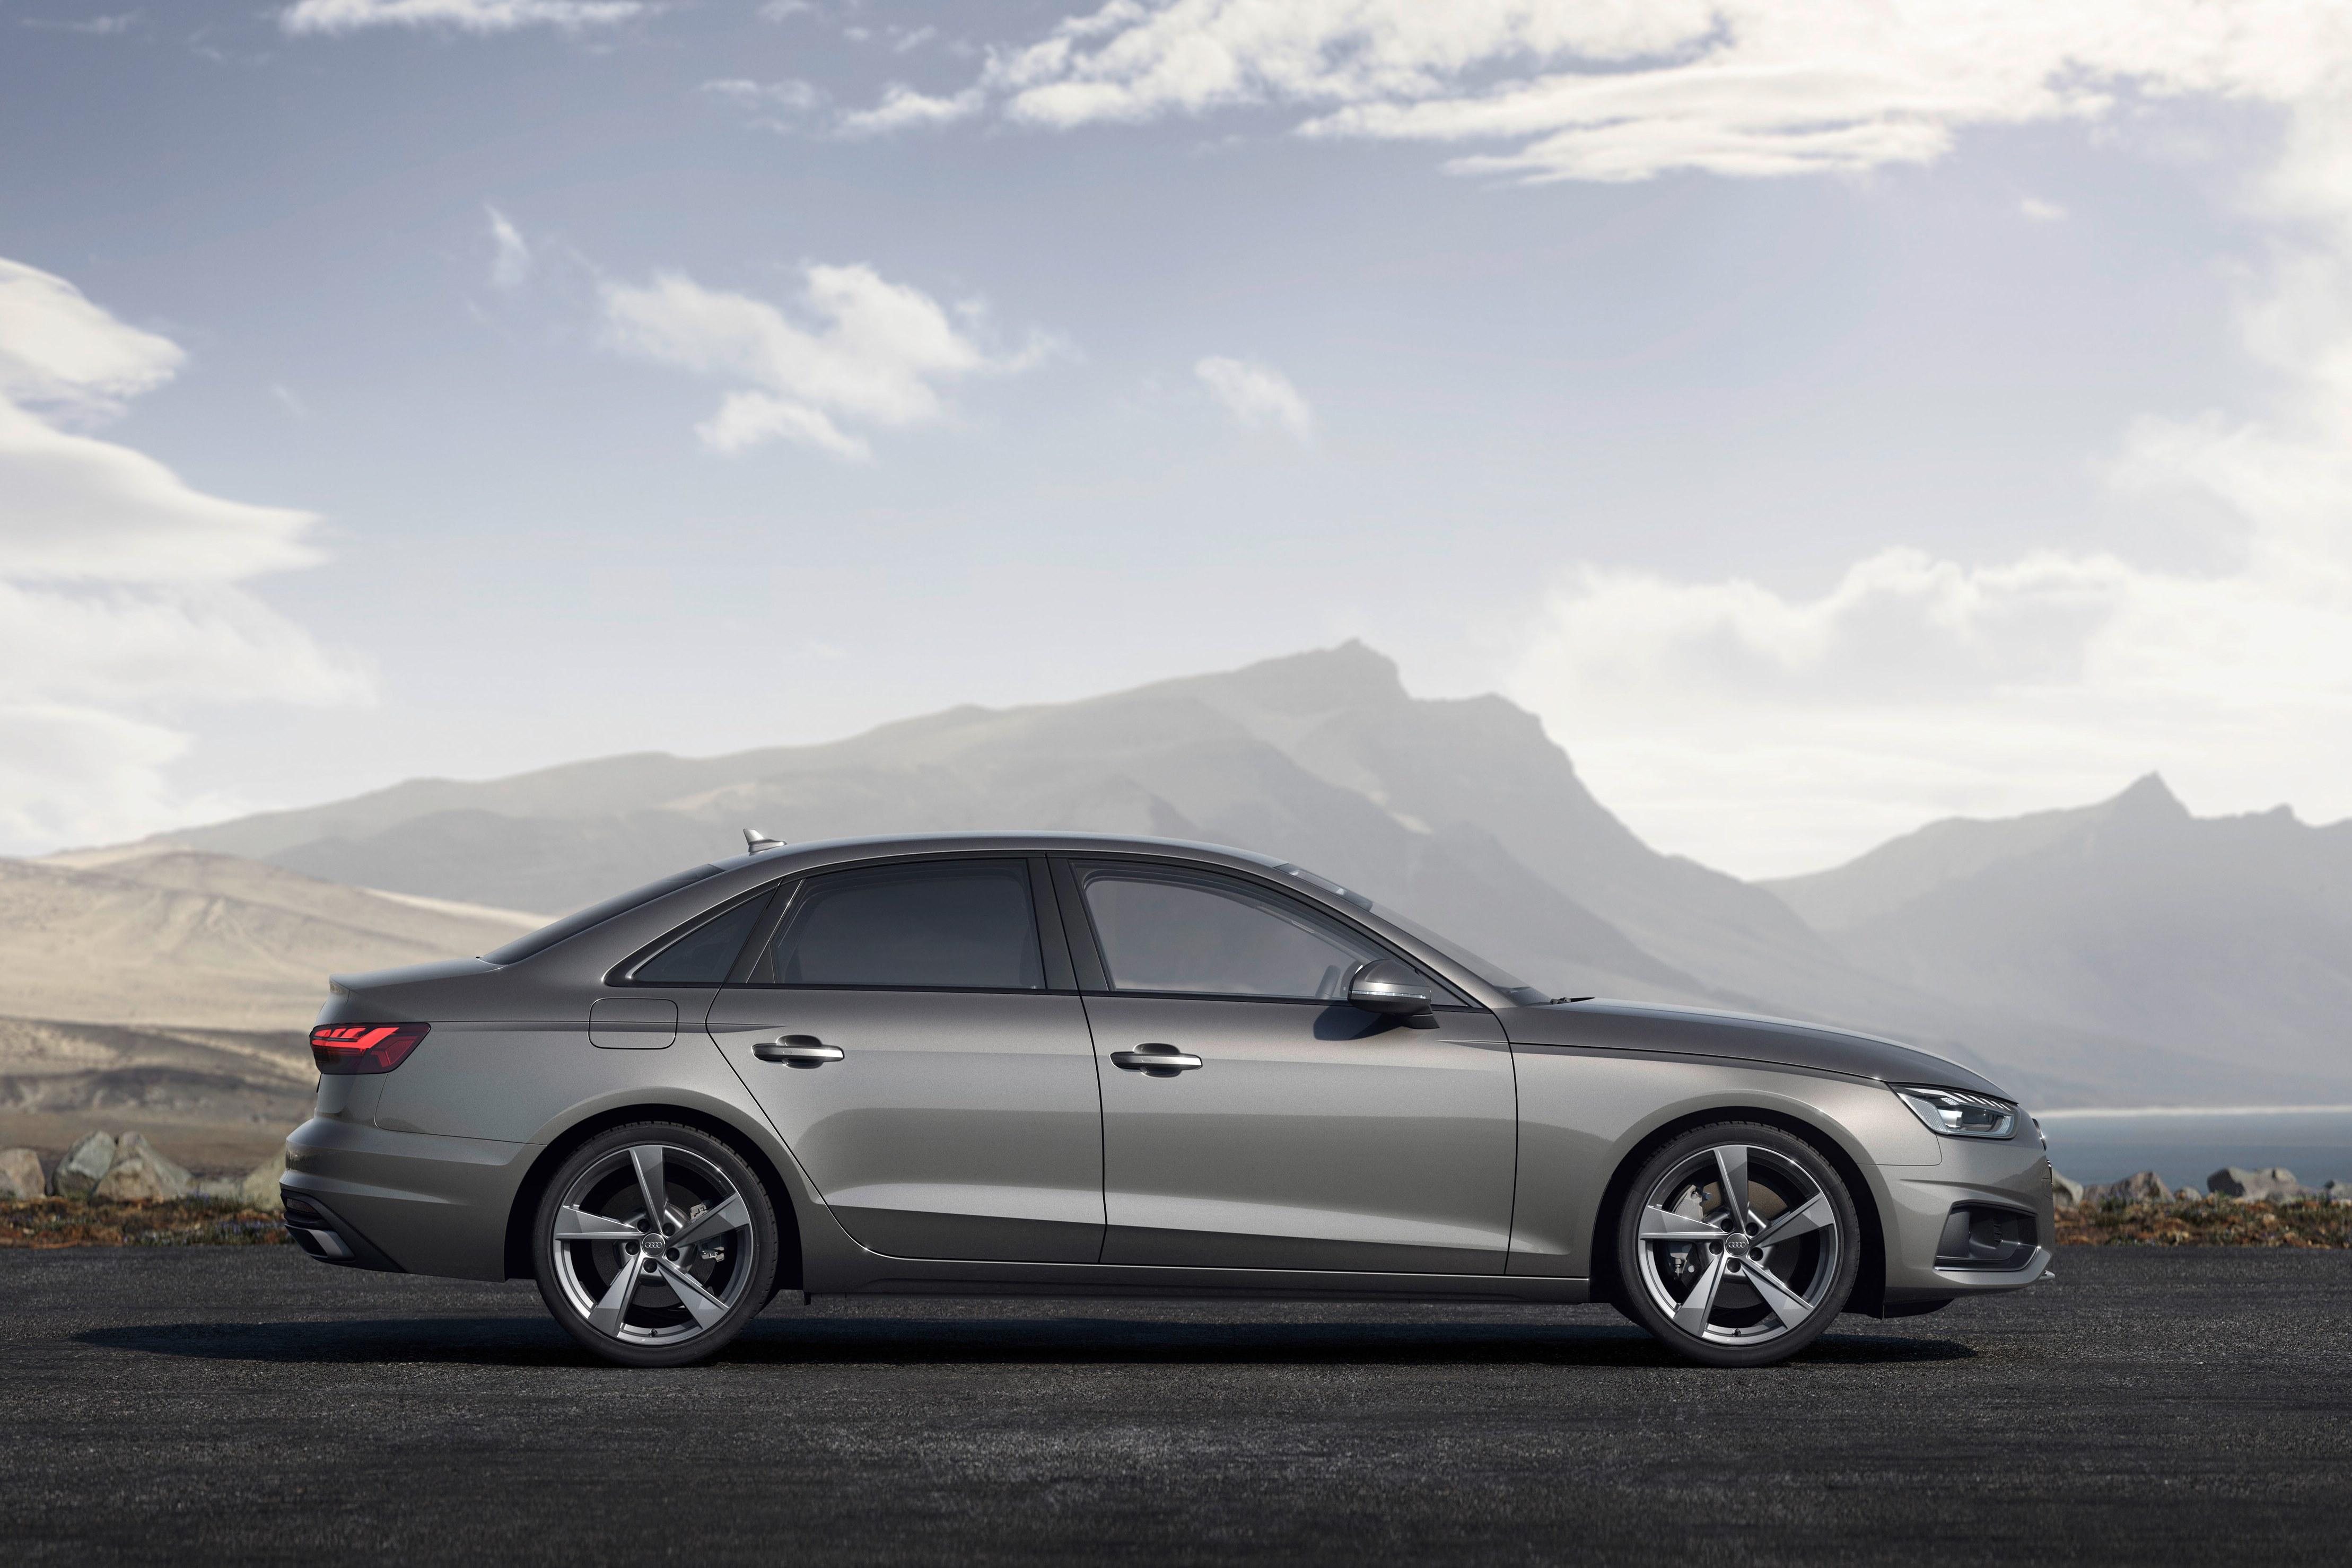 Kelebihan Audi A4 2020 Harga